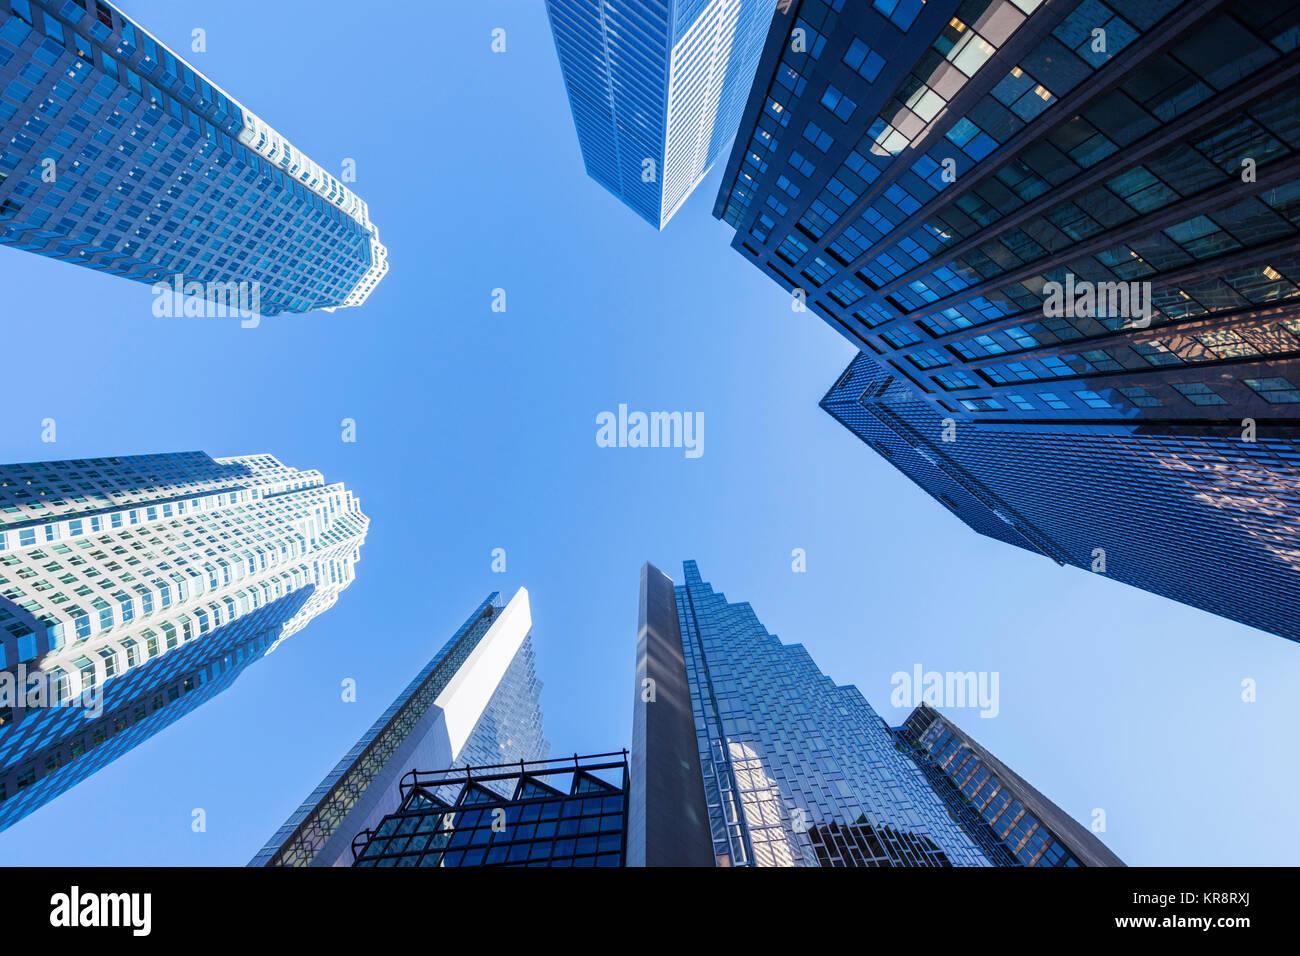 Canada Ontario, Toronto, grattacieli visto da sotto Immagini Stock